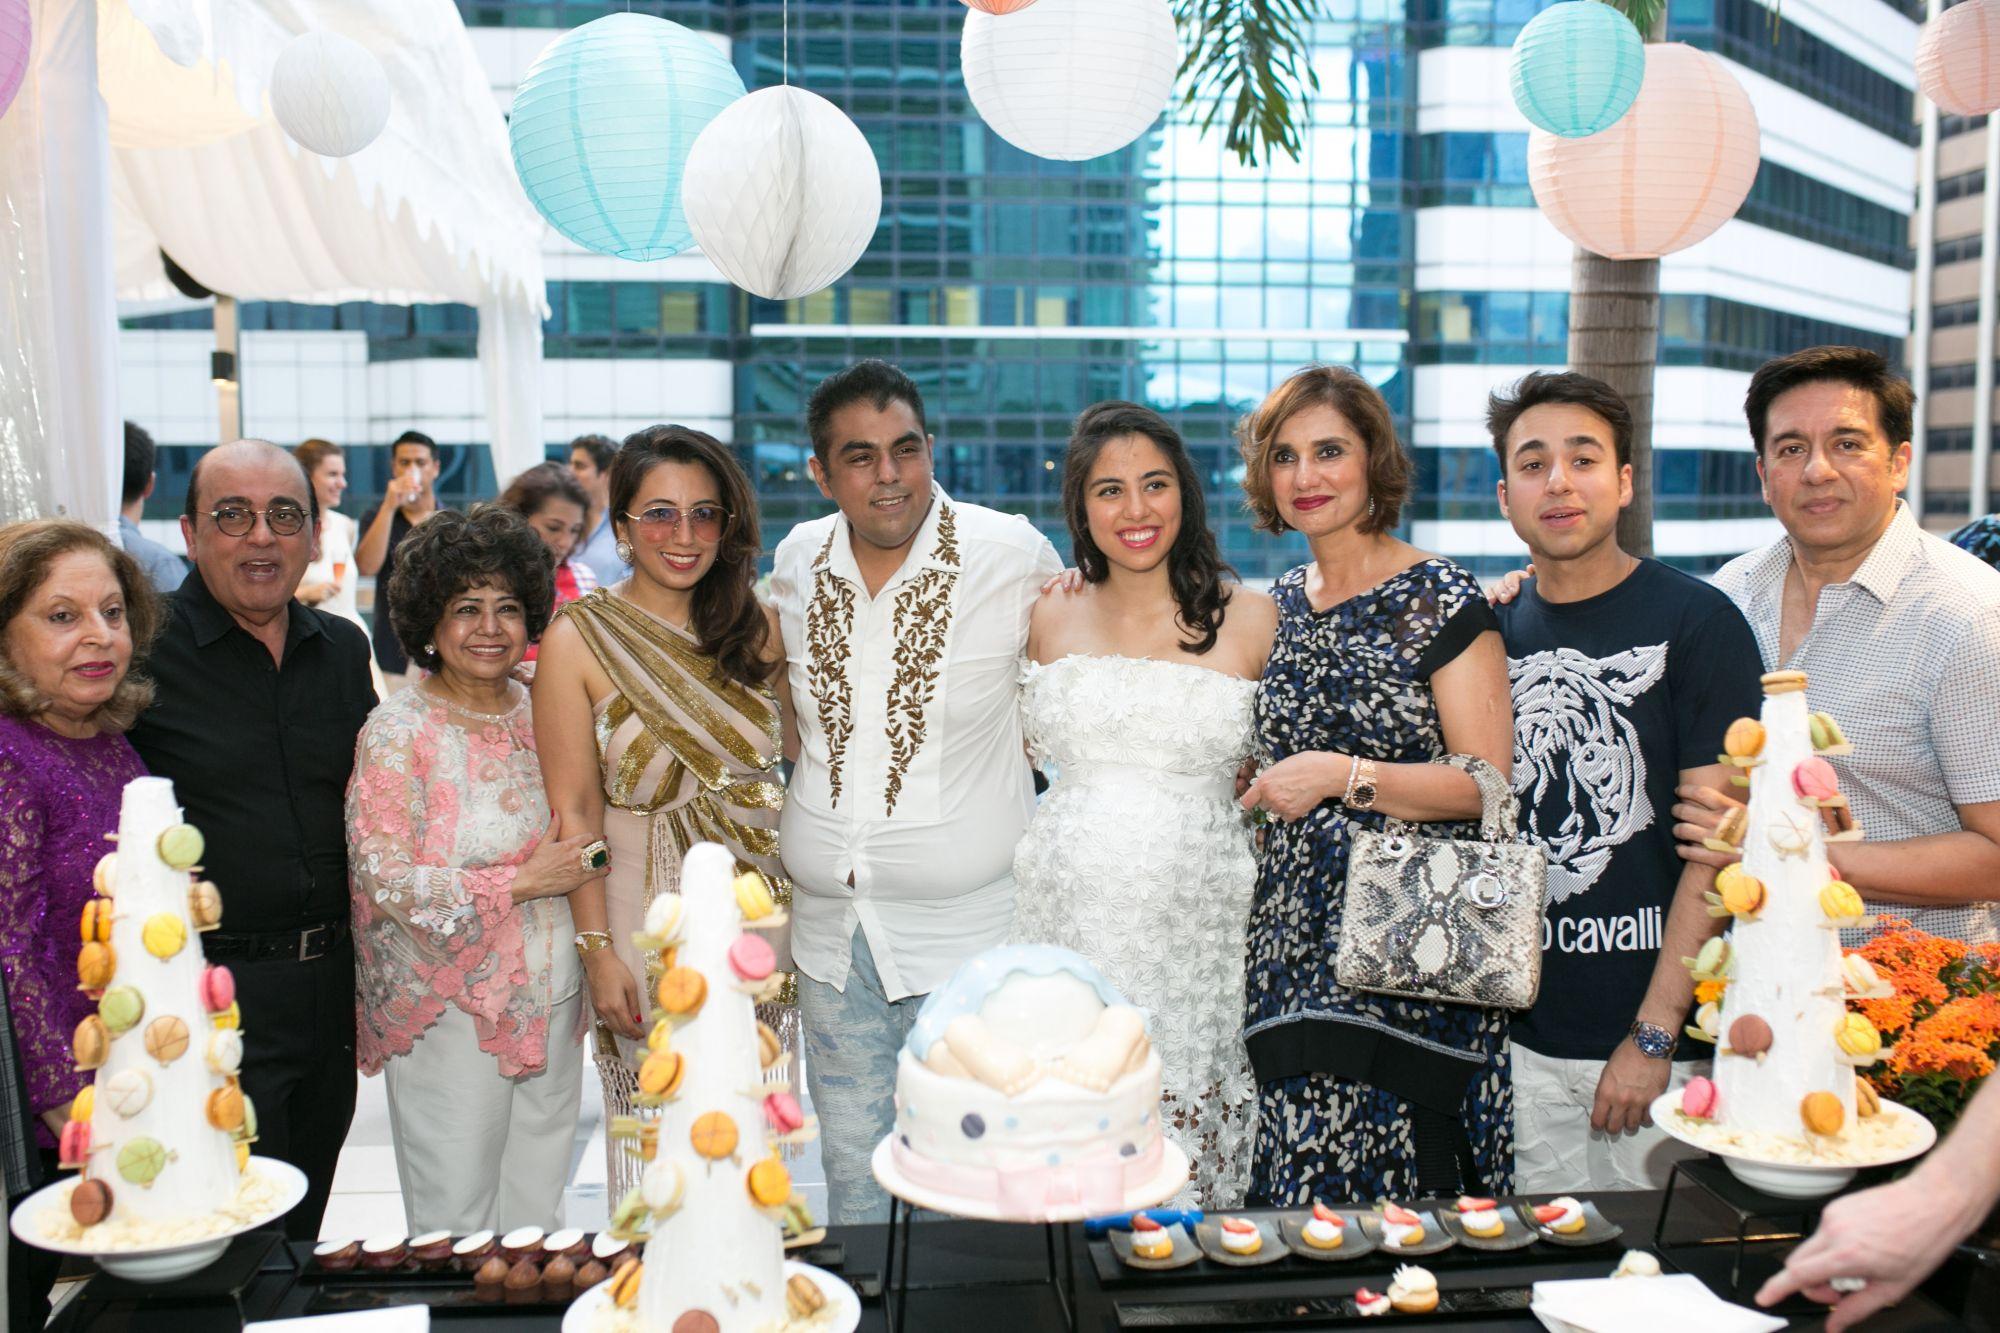 Asok Hiranandani, Asha Hiranandani, Dimple Aswani, Bobby Hiranandani, Shaila Hiranandani, Mona Tanwani, Versash Tanwani, Mahesh Tanwani